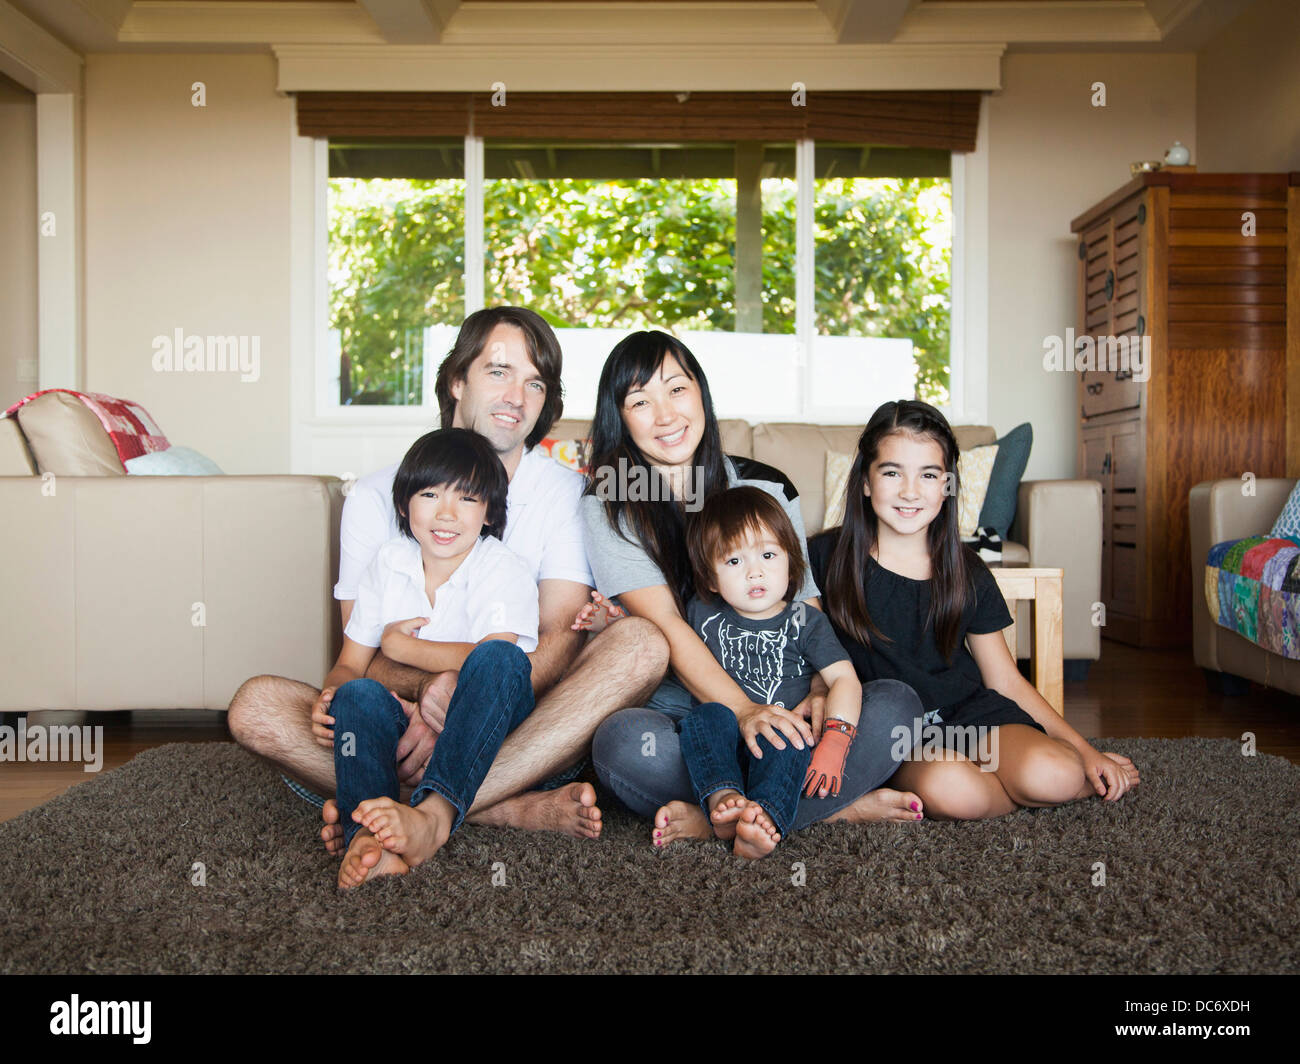 Ritratto di famiglia seduto in salotto Immagini Stock